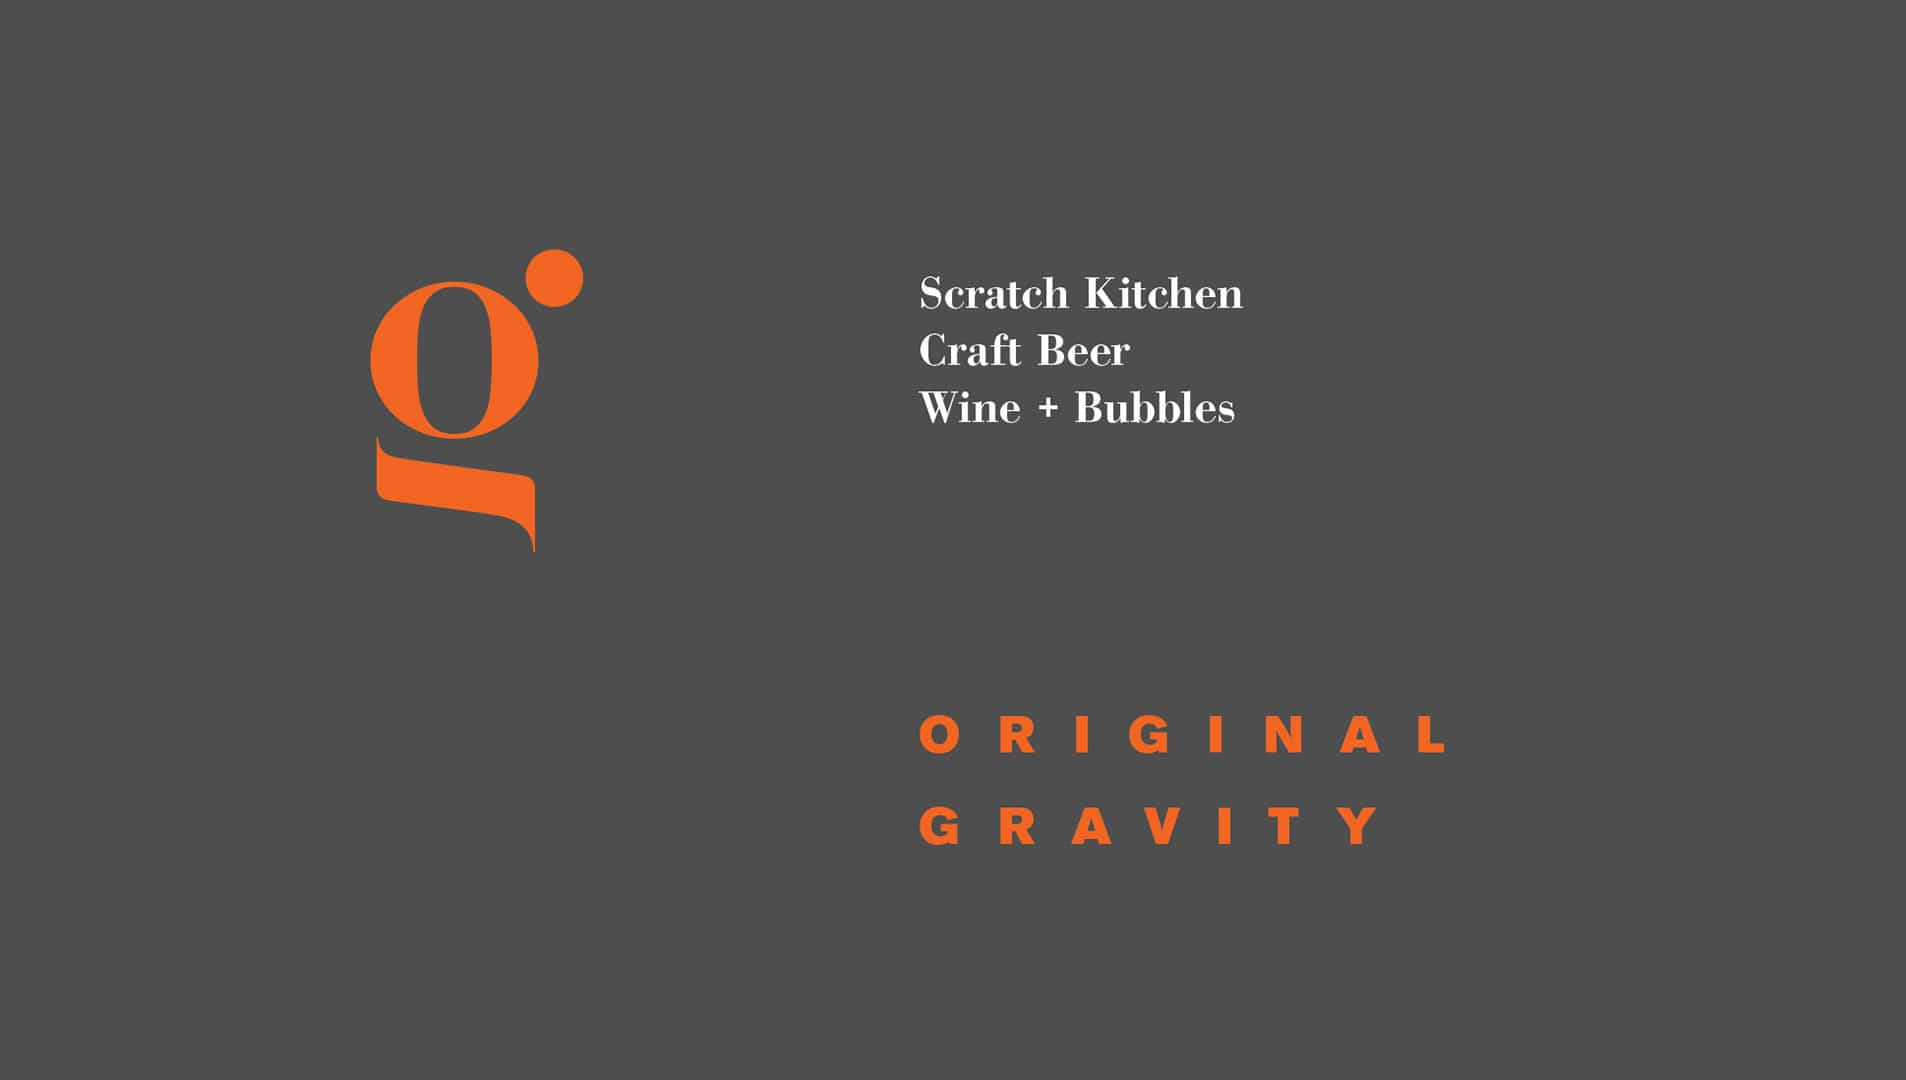 Arizona restaurant branding